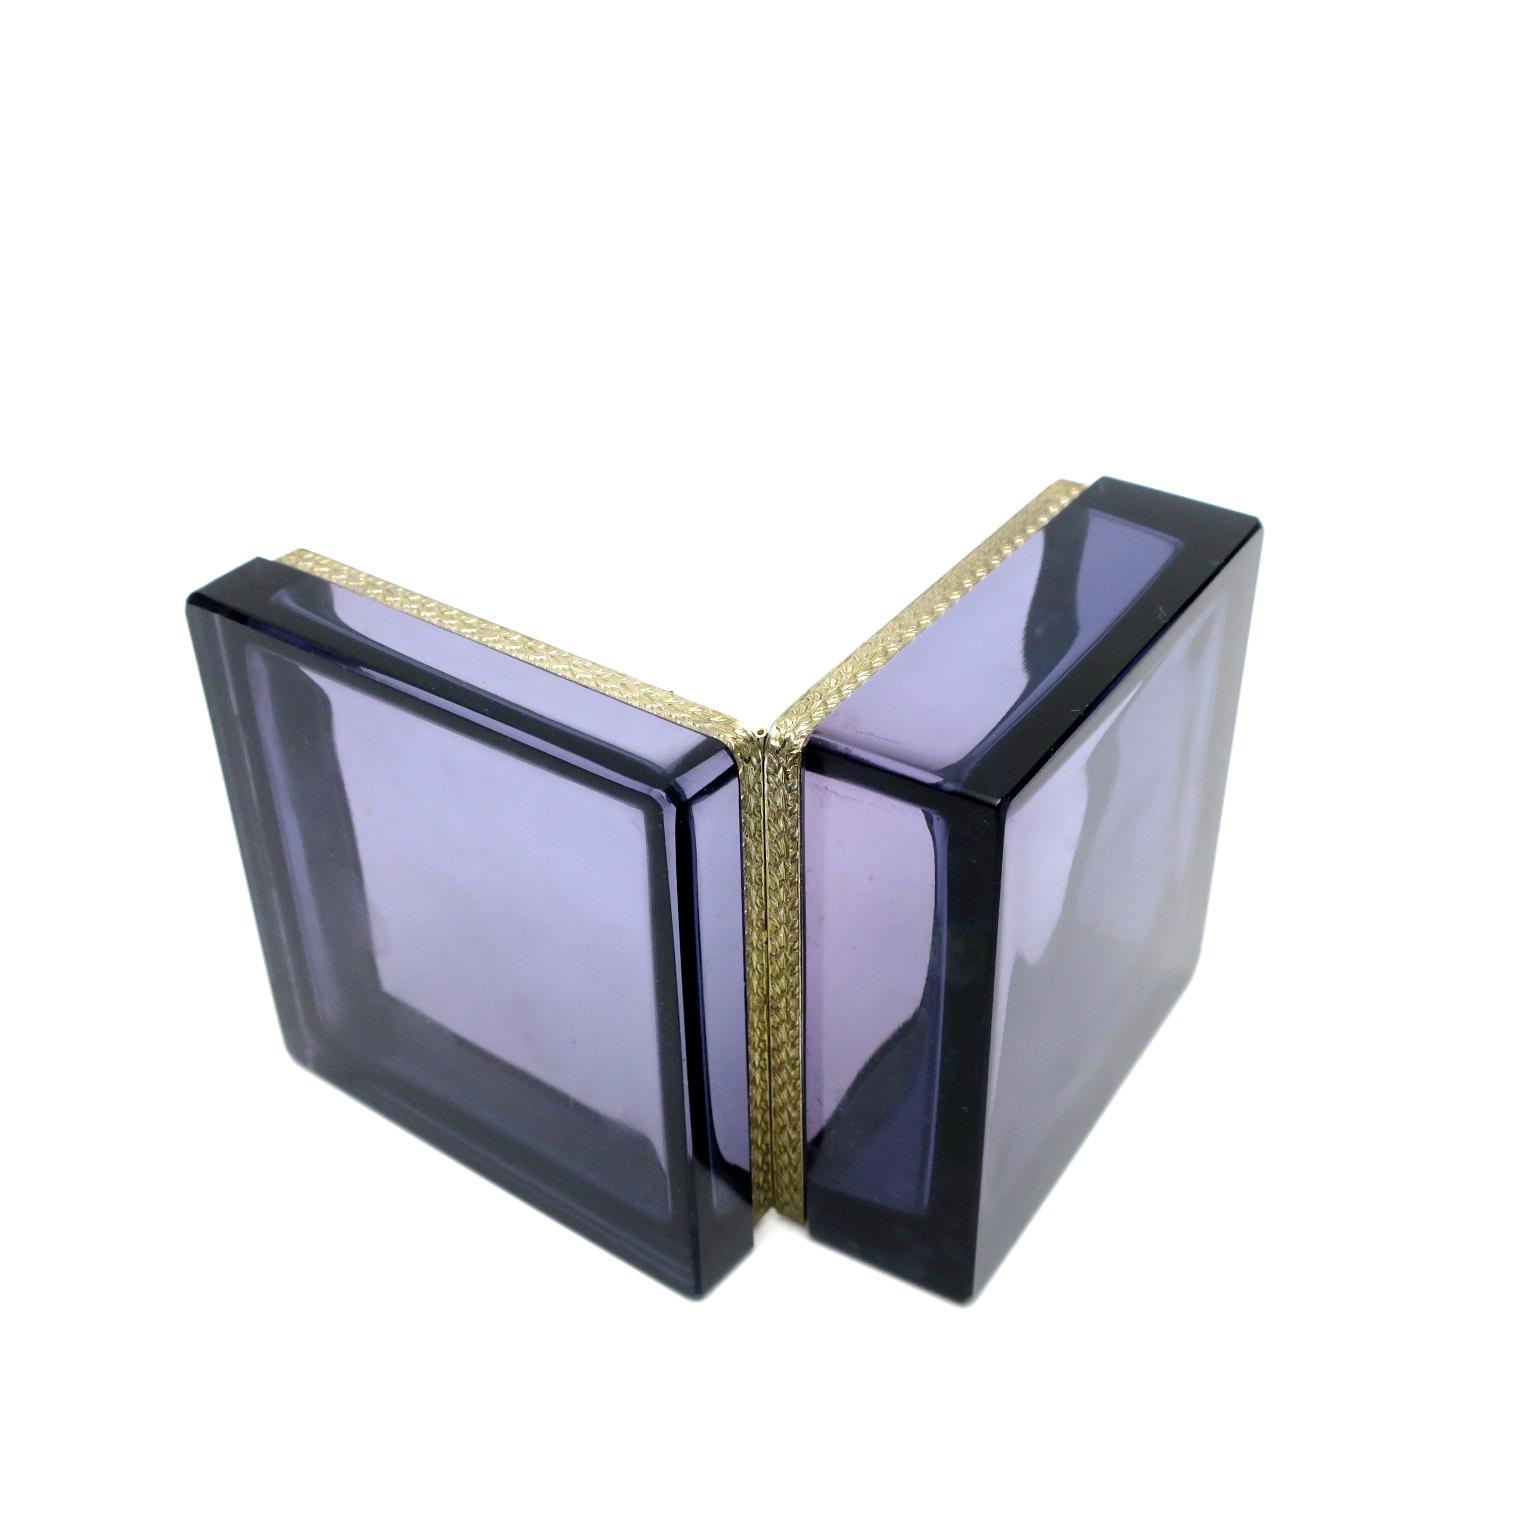 trinket box ormolu geschenk hochzeitsgeschenk kaufmuseum murano midmod midcentury noble design interior  glasdose box deckeldose inneneinrichtung purpur amethyst